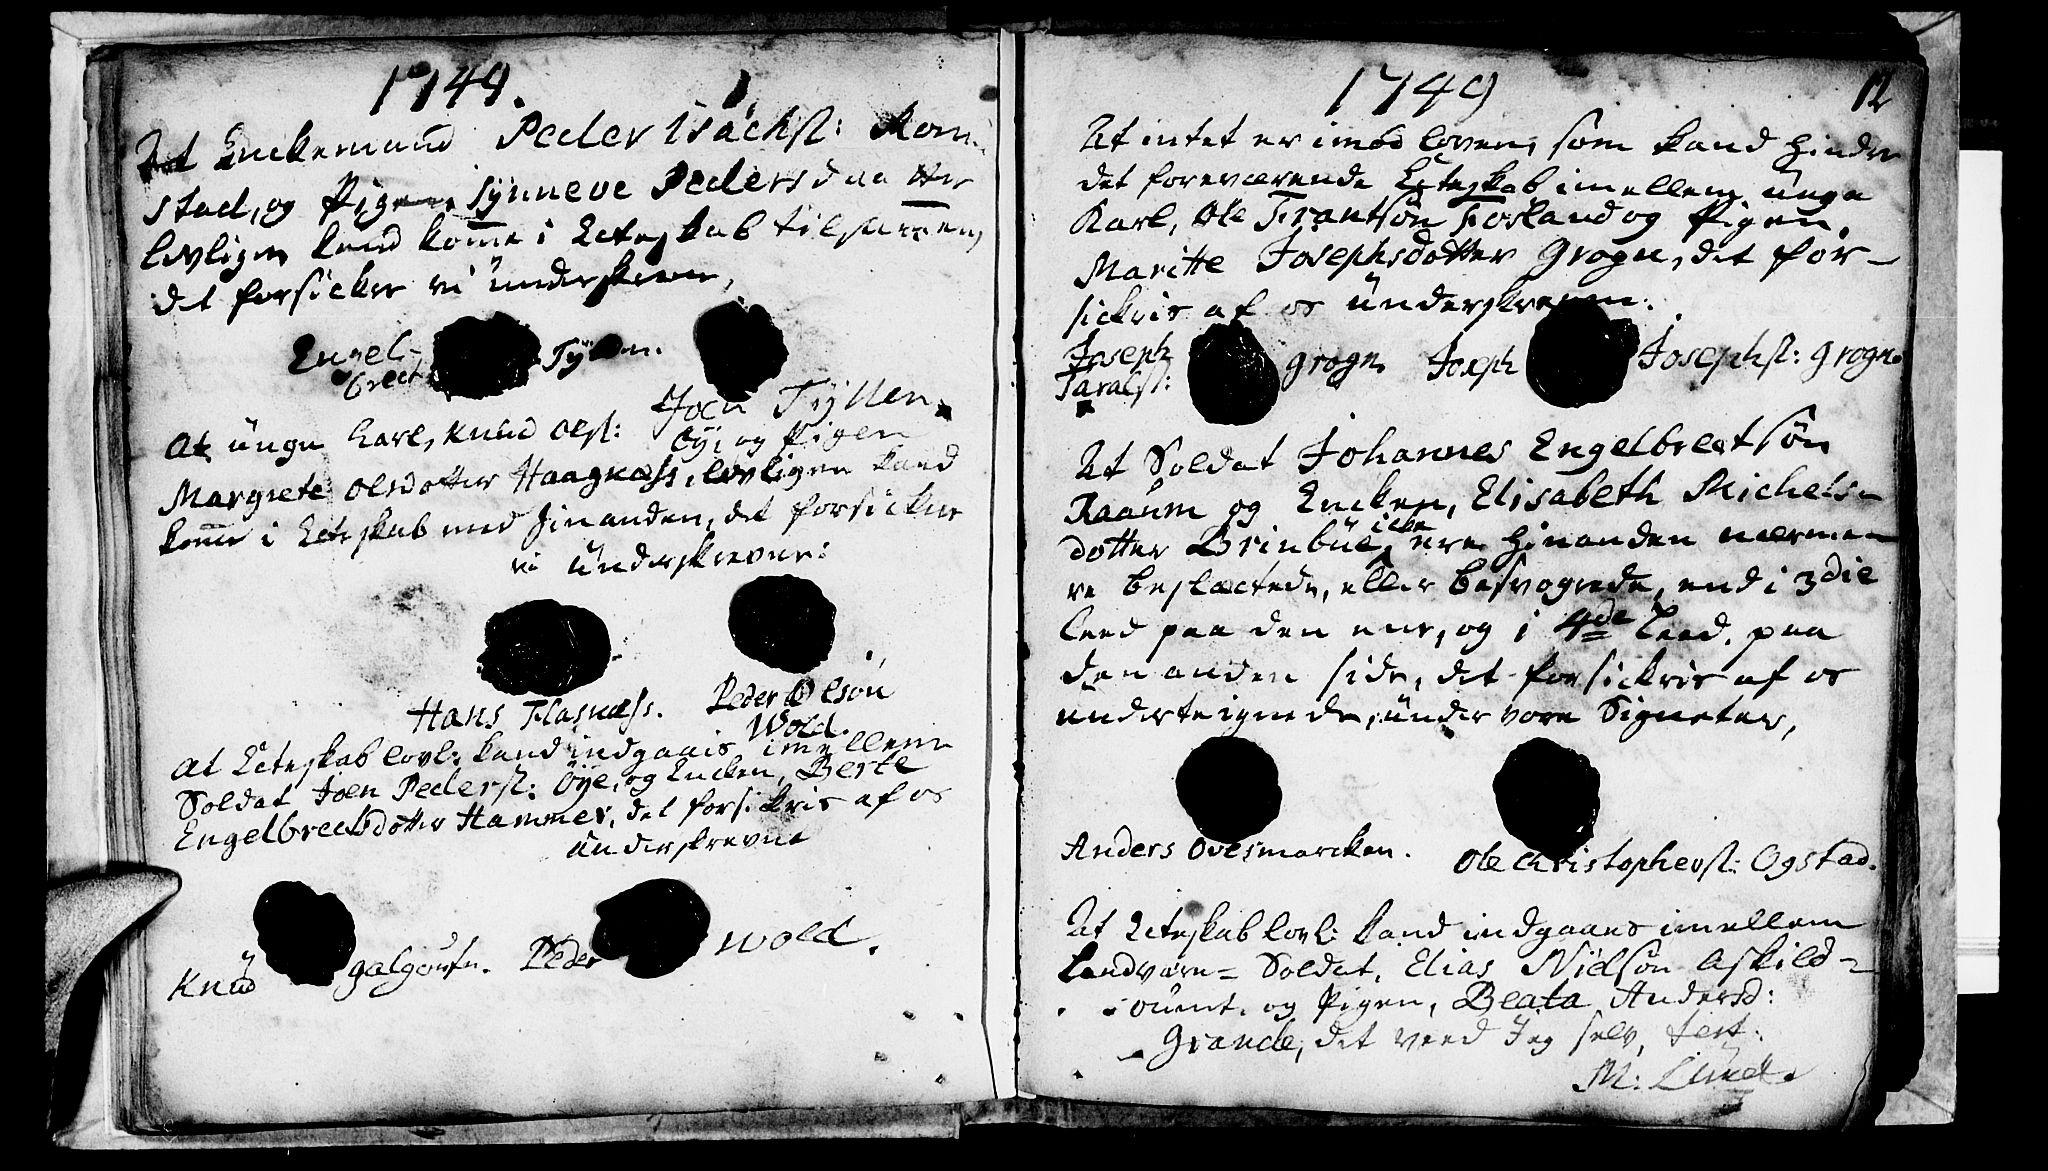 SAT, Ministerialprotokoller, klokkerbøker og fødselsregistre - Nord-Trøndelag, 764/L0541: Ministerialbok nr. 764A01, 1745-1758, s. 12